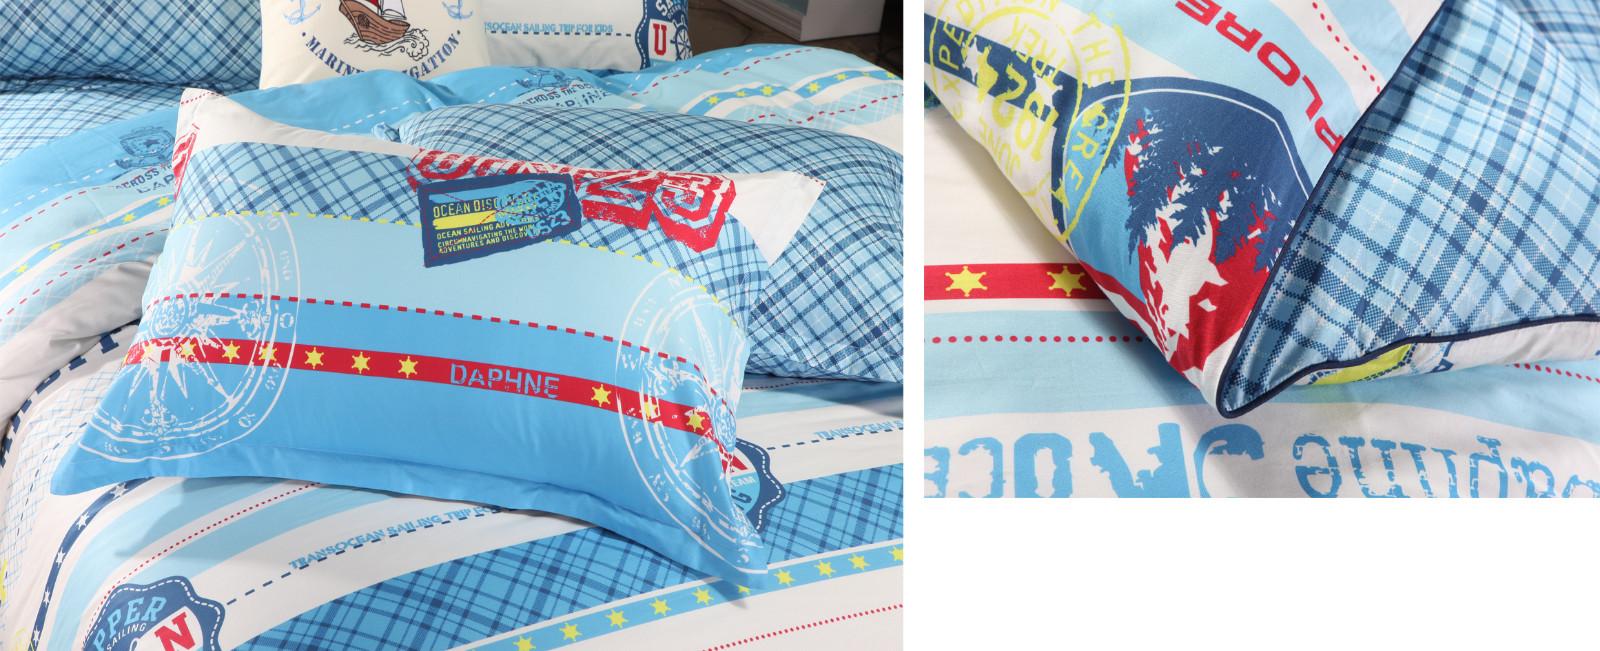 printed Kids Bedding Sets cover sets Daphne